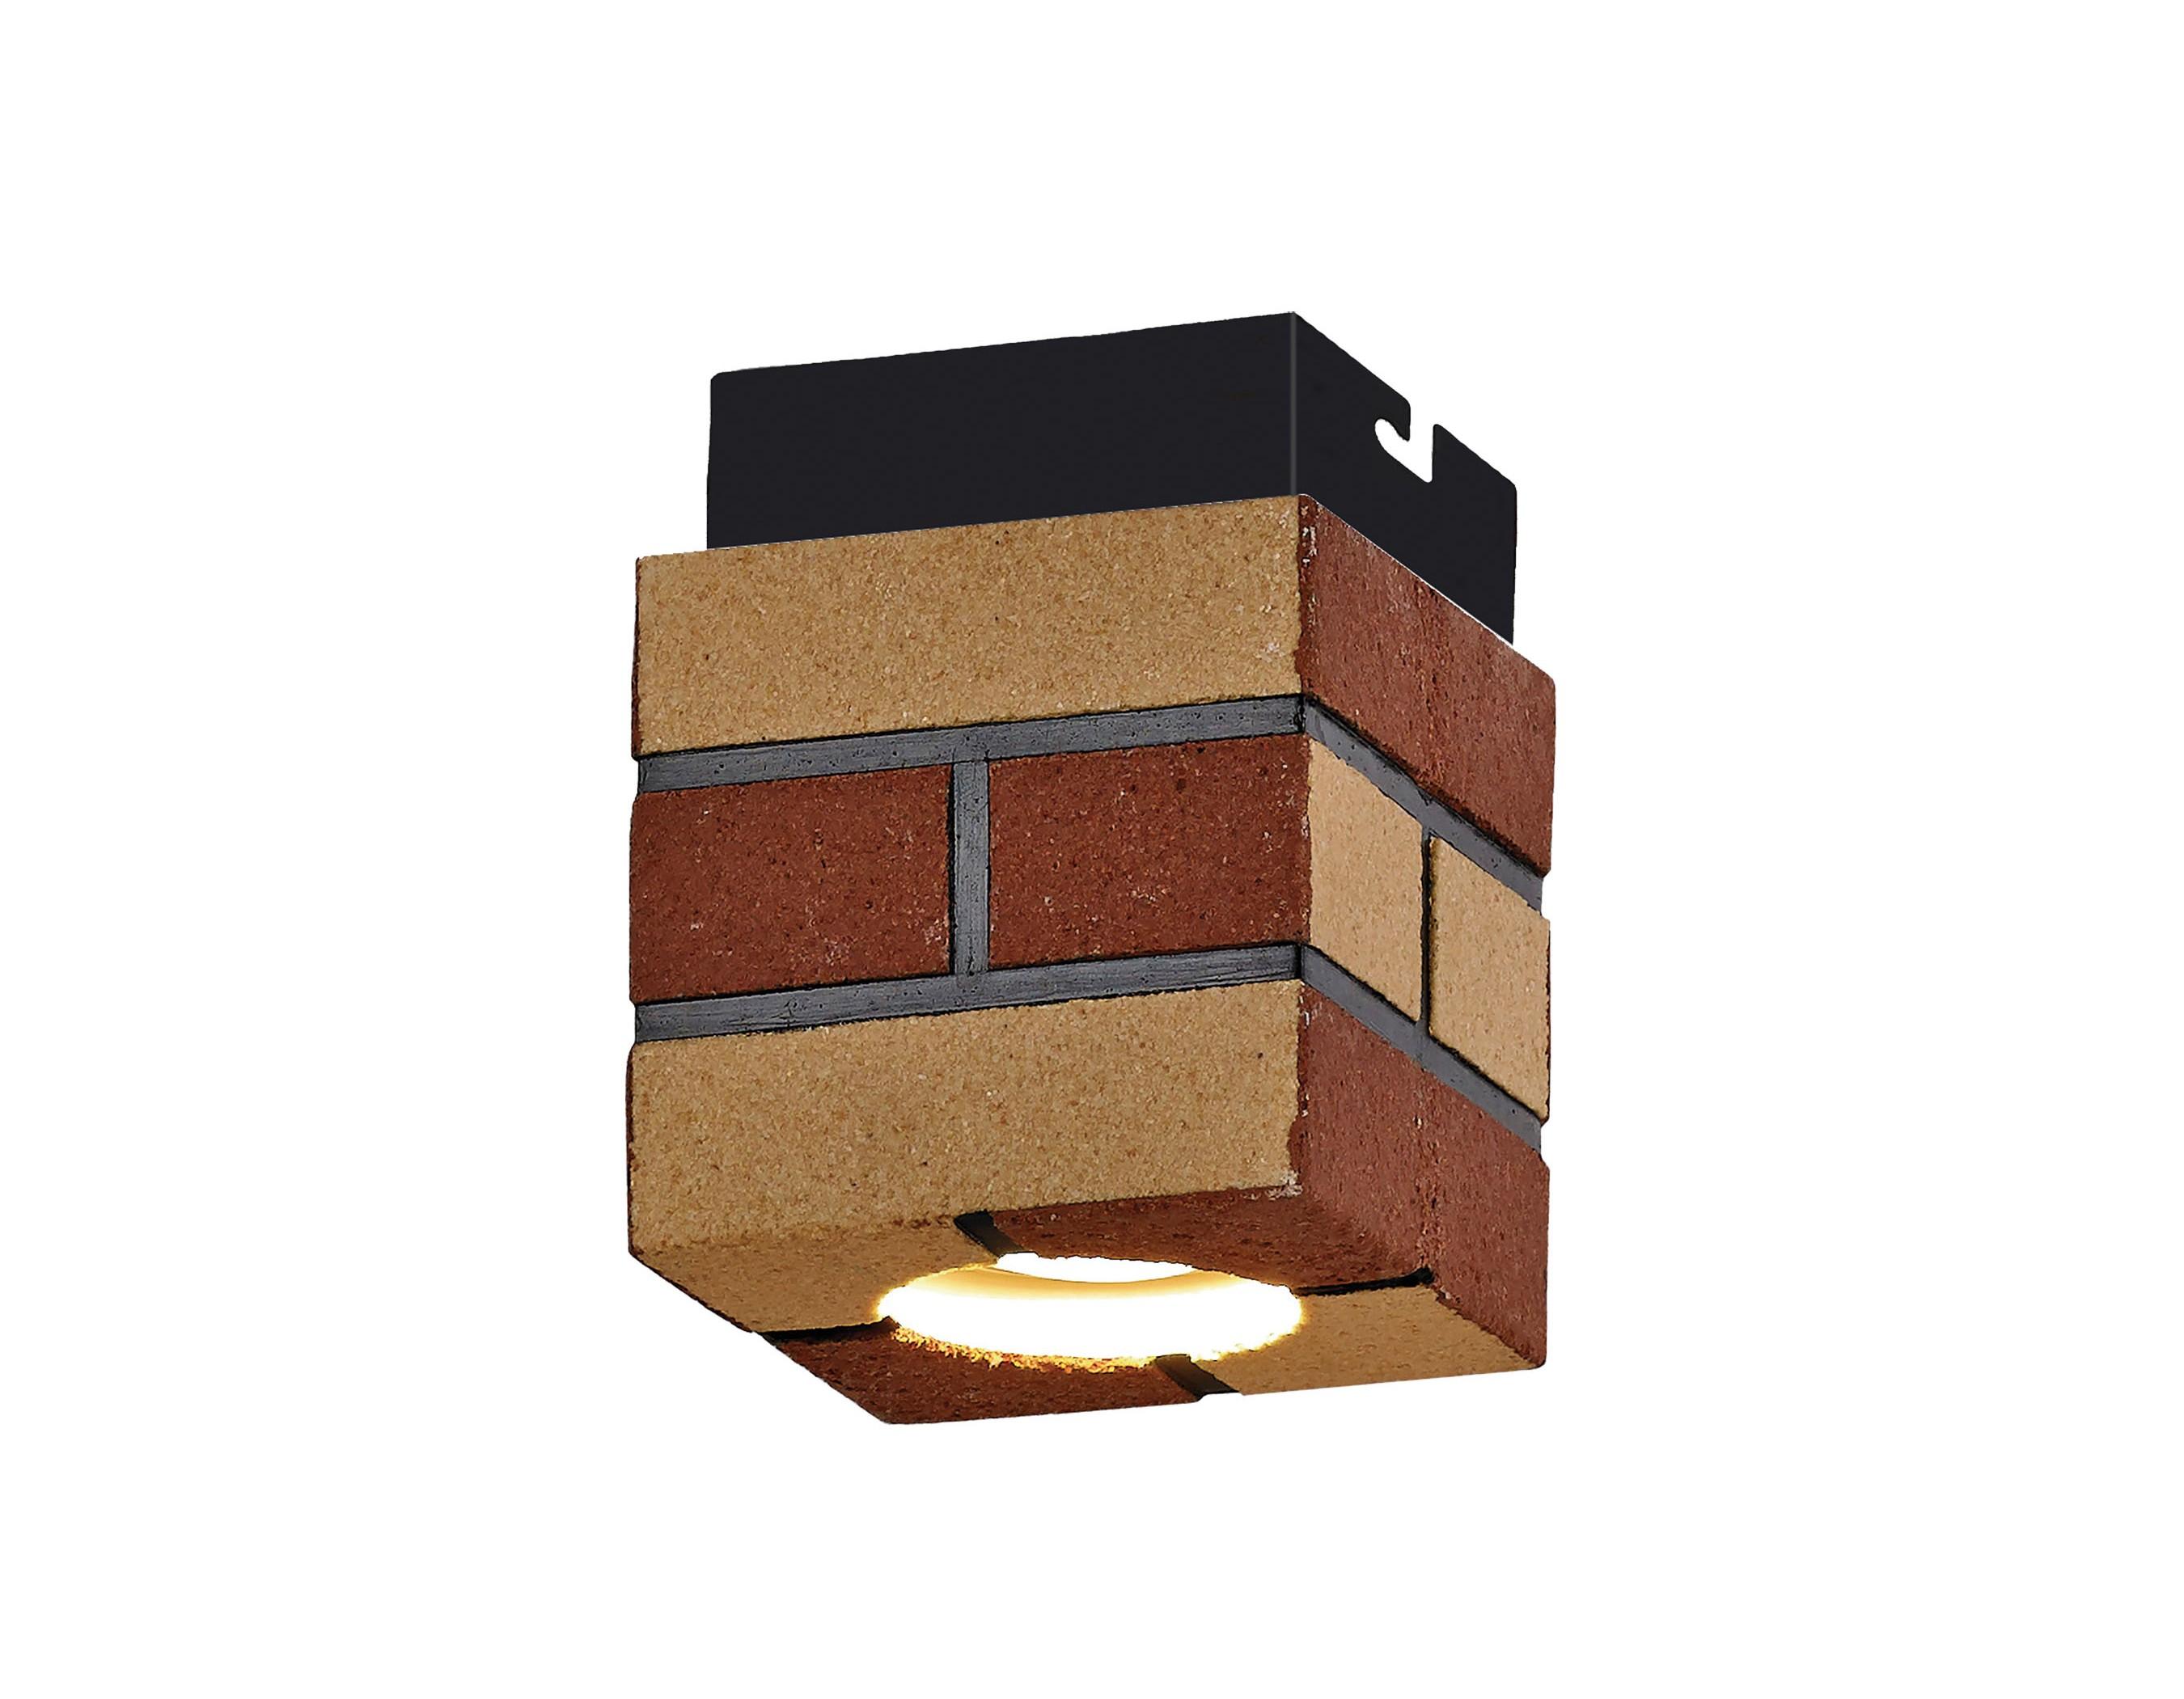 Потолочный светильникПотолочные светильники<br>Материал: металл/пластик&amp;lt;div&amp;gt;Лампочки в комплекте: 1*50W&amp;lt;/div&amp;gt;&amp;lt;div&amp;gt;Цоколь: Gu10&amp;lt;/div&amp;gt;&amp;lt;div&amp;gt;Цвет: черный/коричневый&amp;lt;/div&amp;gt;<br><br>Material: Пластик<br>Width см: 10<br>Depth см: 10<br>Height см: 12